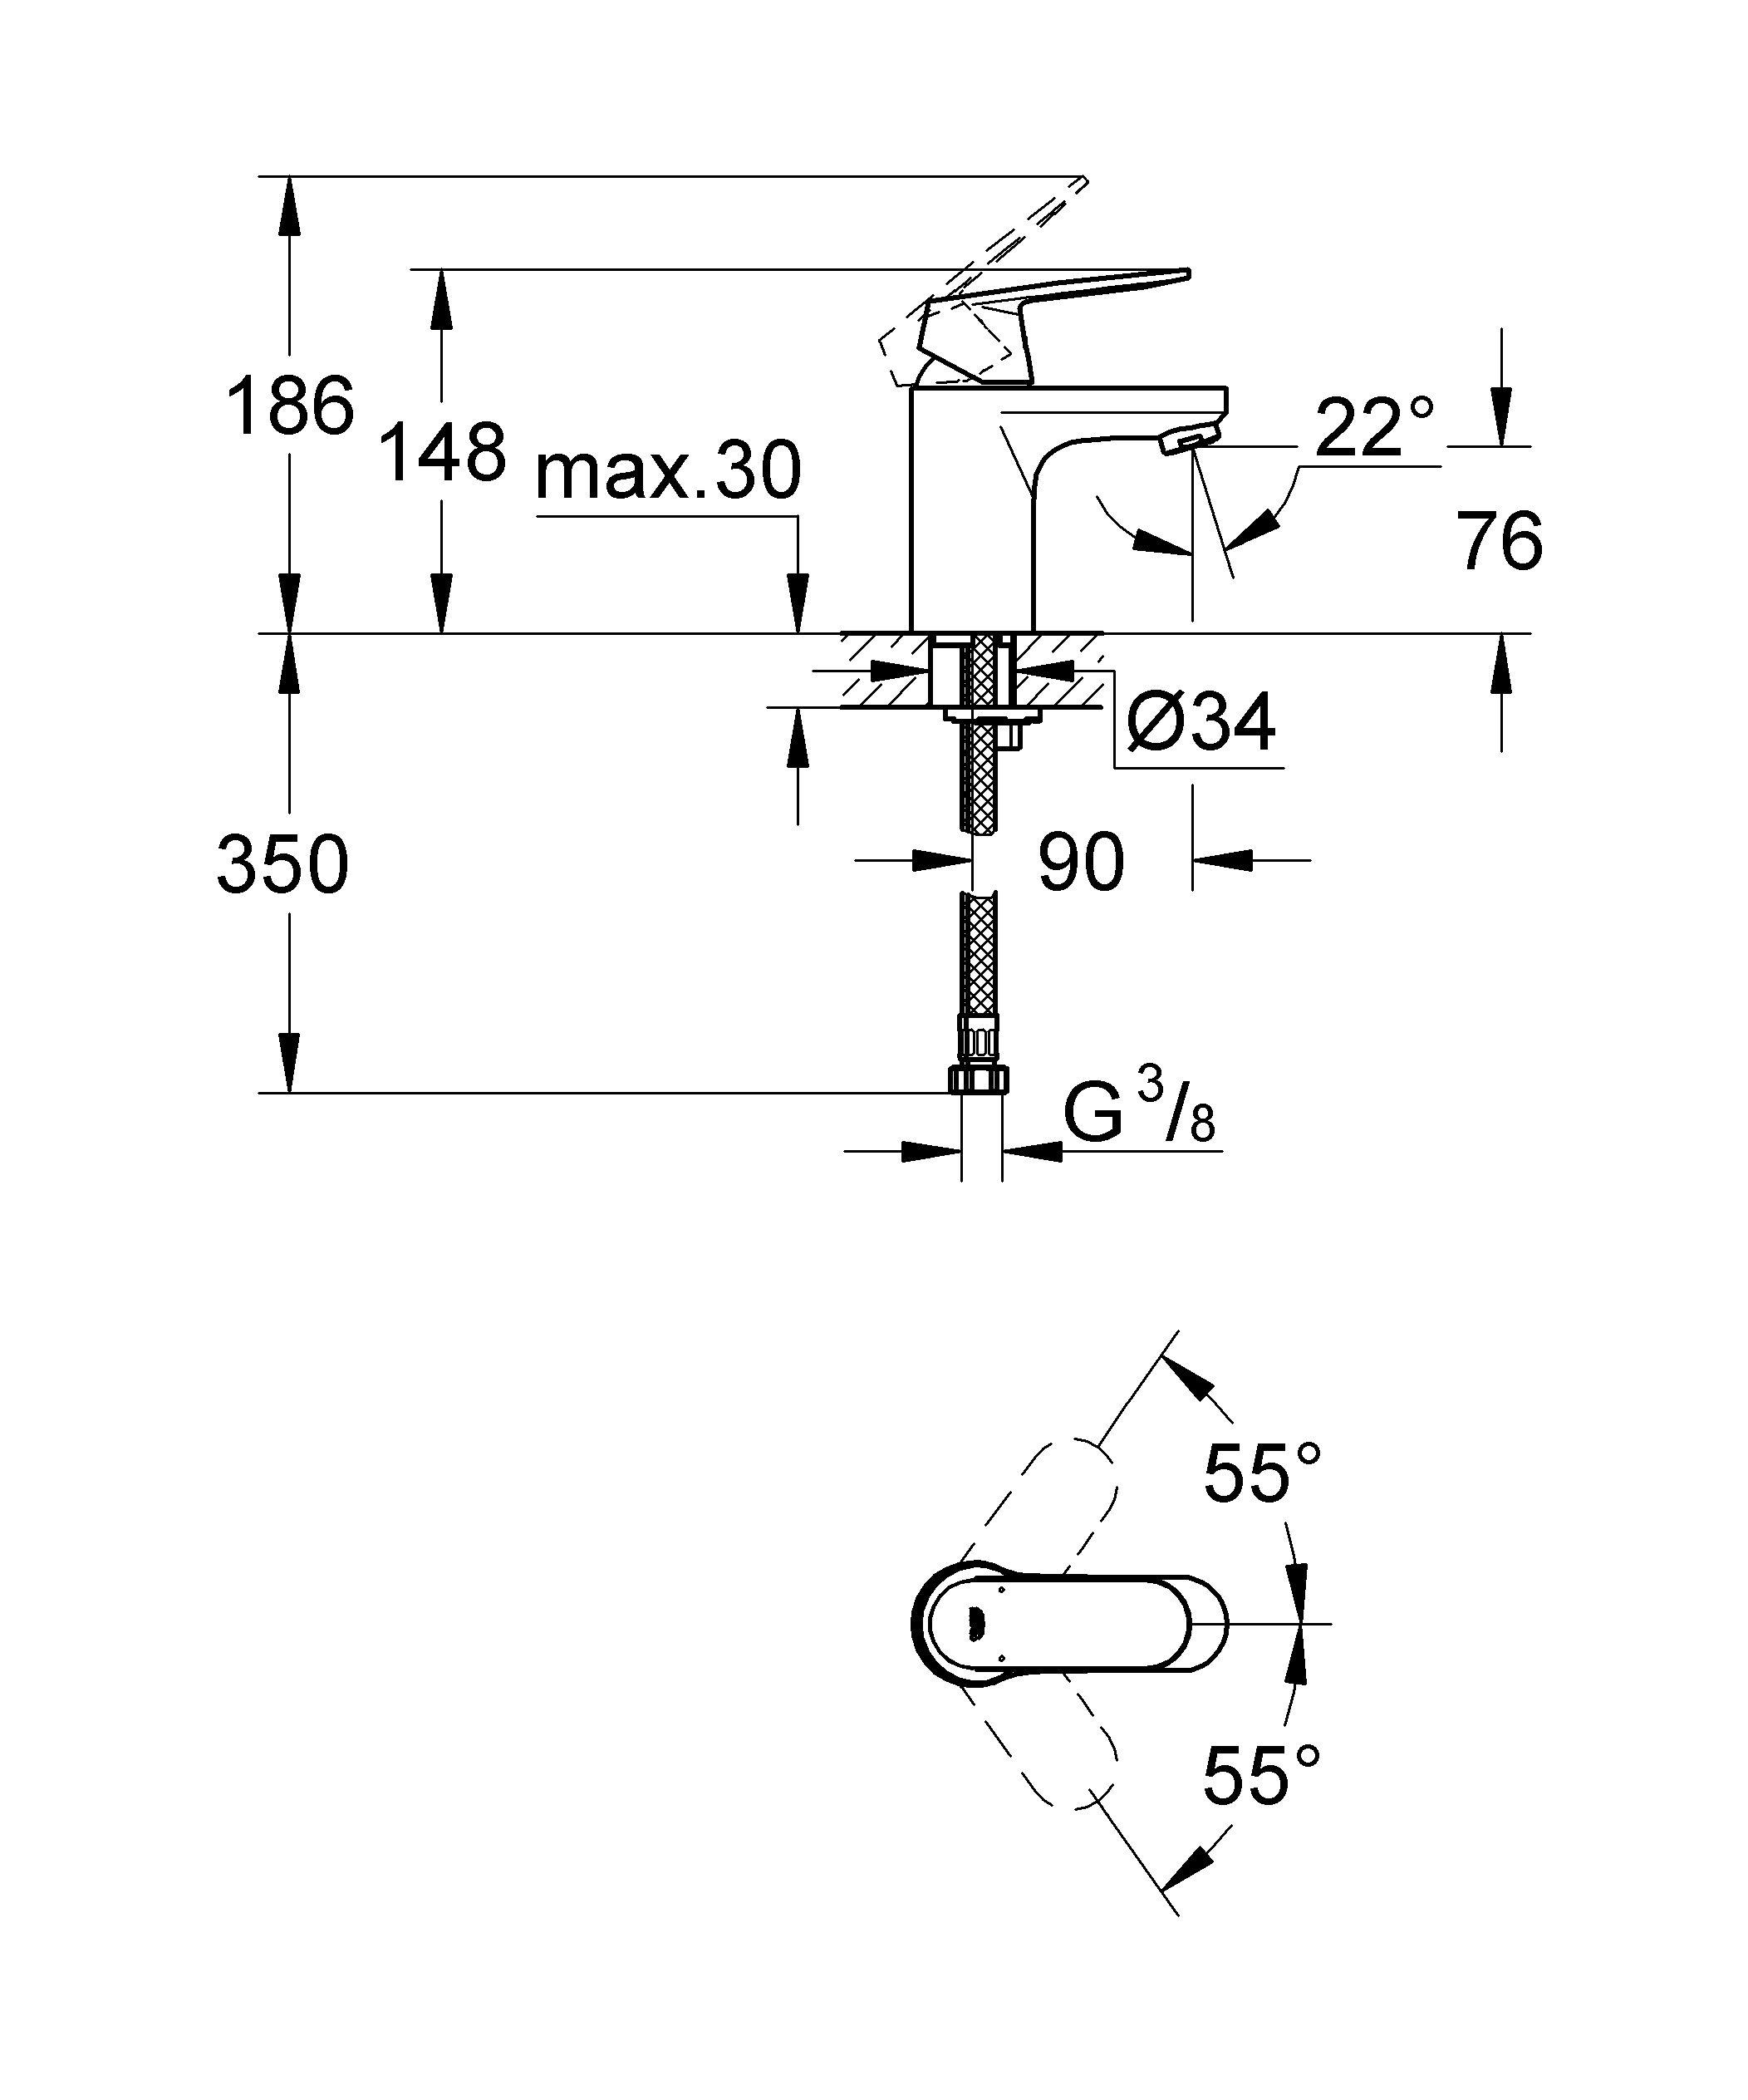 Долговечность в сочетании со стильным дизайном — один из стандартов GROHE: смеситель Eurosmart Cosmopolitan даже после многолетней эксплуатации будет иметь такой же плавный ход, как и в первый день работы. Он позволяет с легкостью регулировать температуру и напор воды. Благодаря элегантному дизайну он великолепно впишется в интерьер любой ванной комнаты, а излив стандартной высоты позволит использовать его для комплектации всех стандартных раковин. GROHE воплощает собой высочайшее качество по справедливой цене. Особенности   монтаж на одно отверстие  металлический рычаг  GROHE SilkMove керамический картридж 35 мм  GROHE StarLight хромированная поверхность  регулировка расхода воды  возможность установки мин. расхода 2,5 л/мин  аэратор  гладкий корпус  гибкая подводка  GROHE QuickFixTM быстрая монтажная система  дополнительный ограничитель температуры (46375000)  класс шума I по DIN 4109   Видео по установке является исключительно информационным. Установка должна проводиться профессионалами!